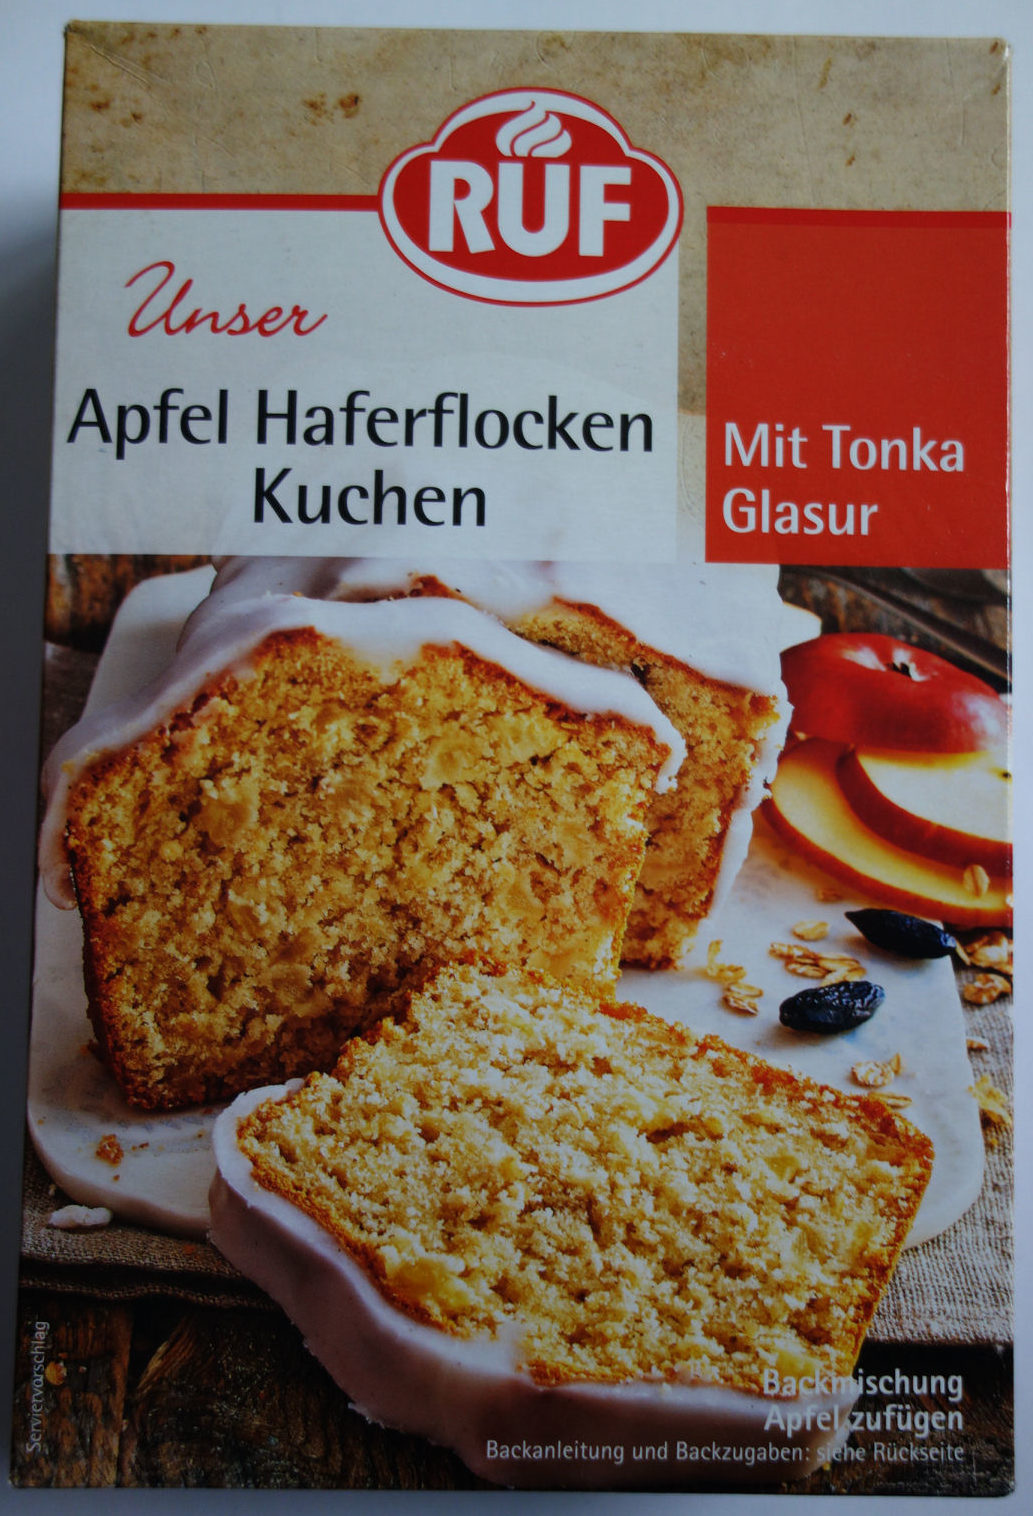 Apfel Haferflocken Kuchen Mit Tonka Glasur Ruf 510 G